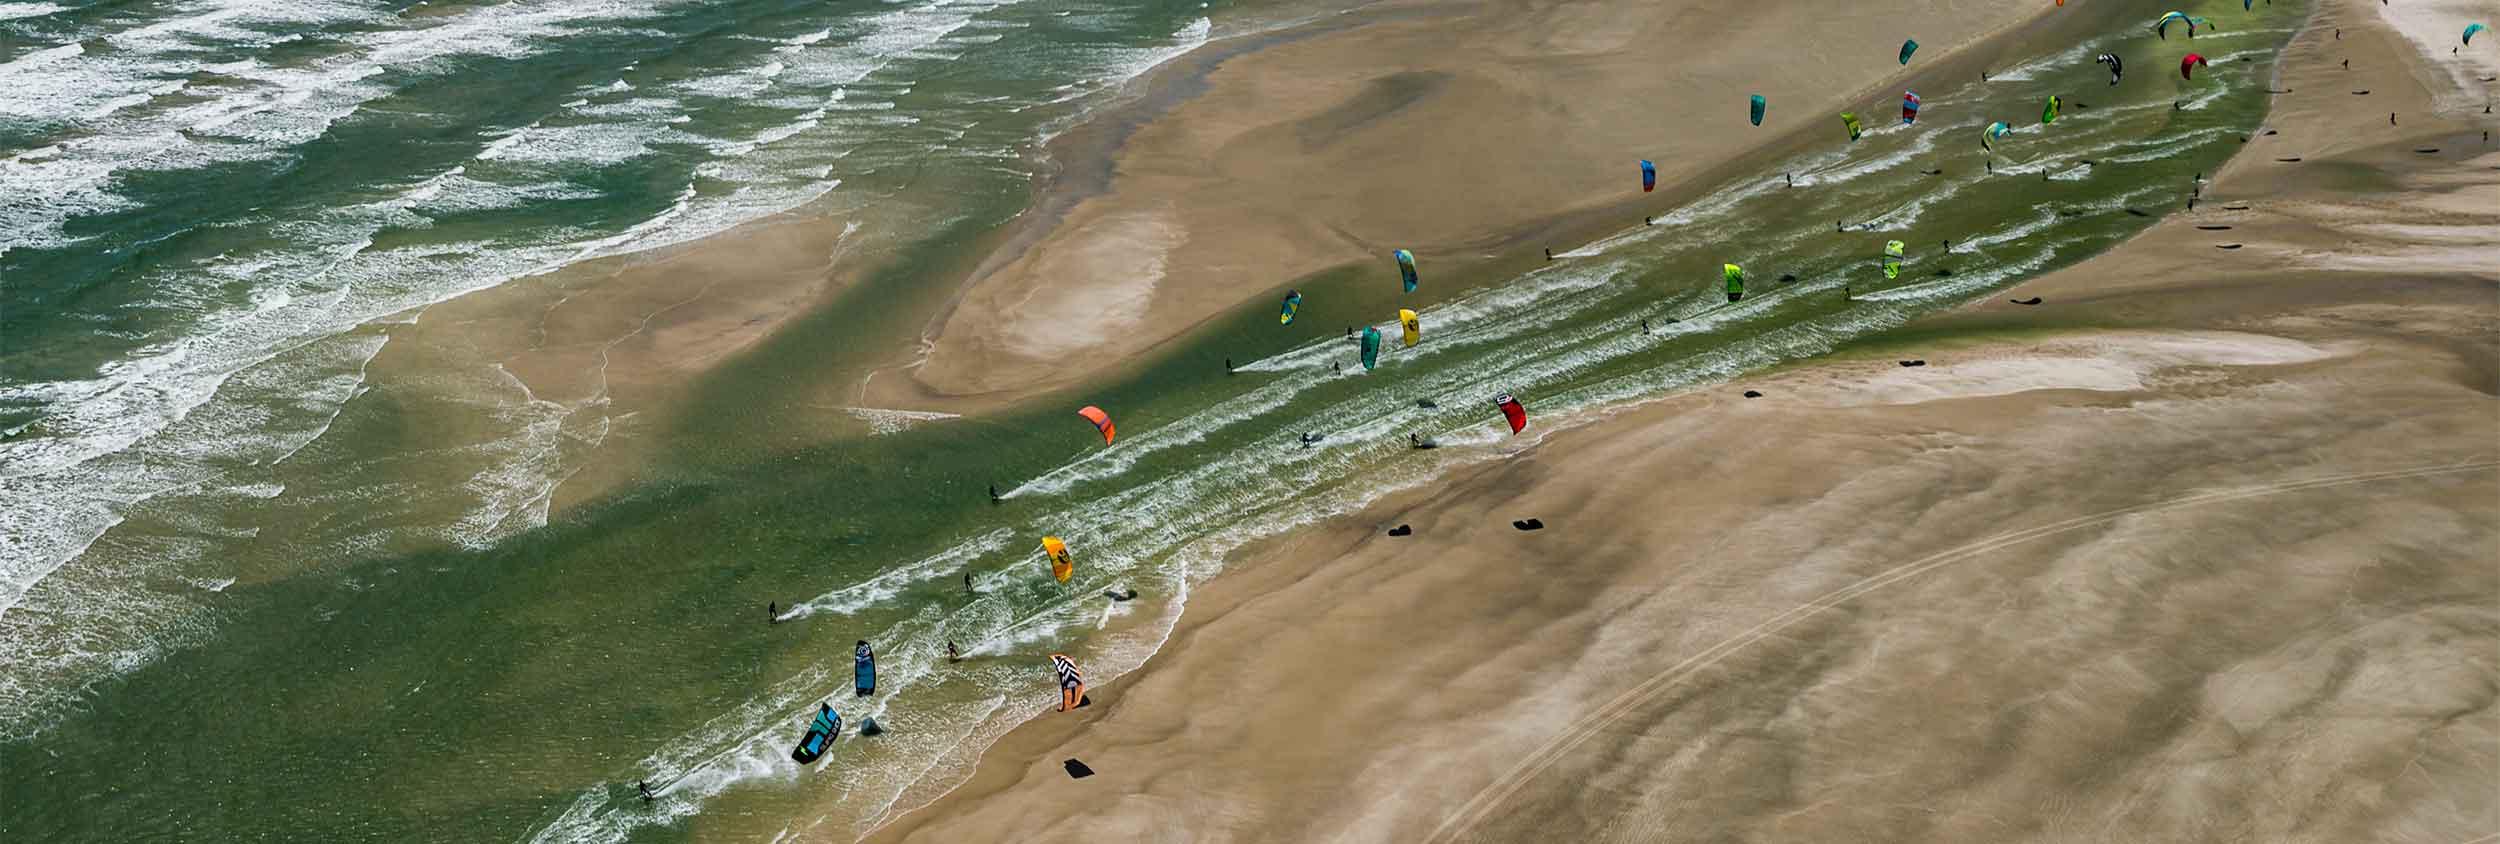 Atins Lencois Coast